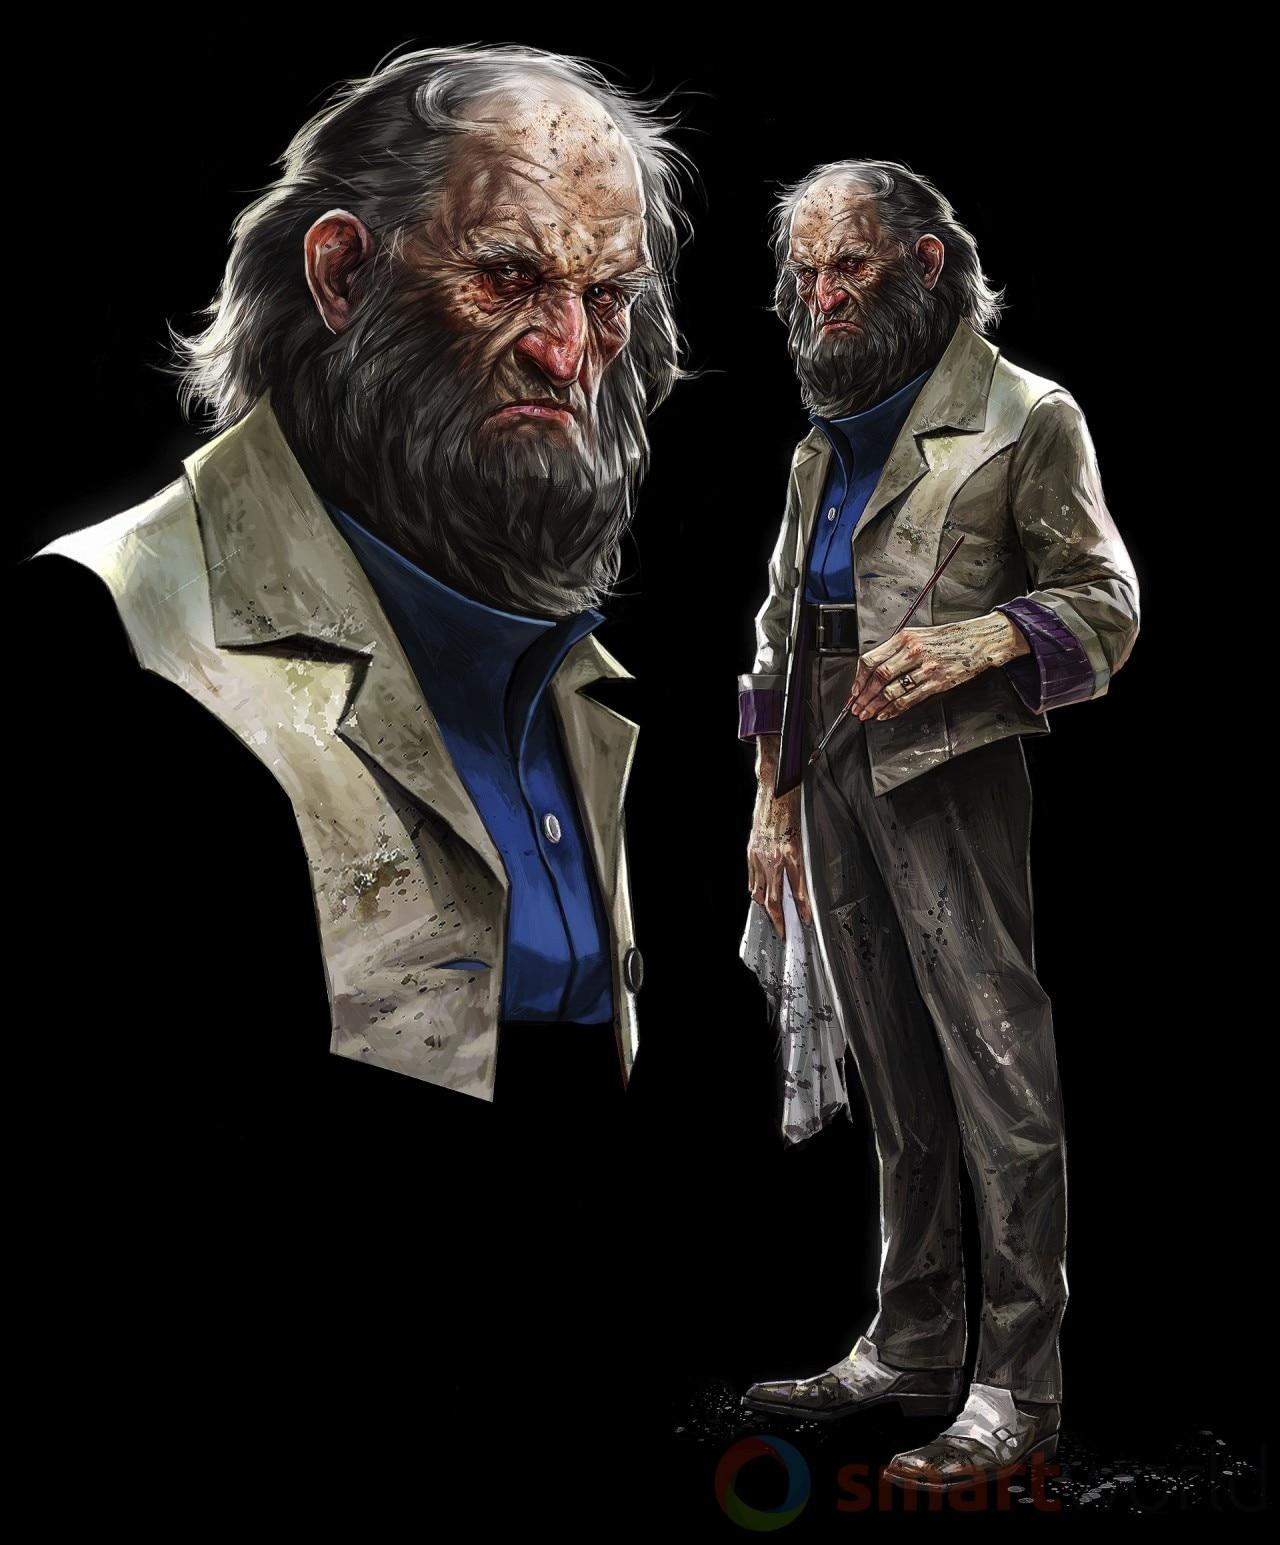 Anton Sokolov - Inventore, alchimista, mistico, iconoclasta e pittore. Questo è uno dei design iniziali del personaggio, che poi è stato modellato, animato, ridoppiato e quindi portato alla luce in gioco.